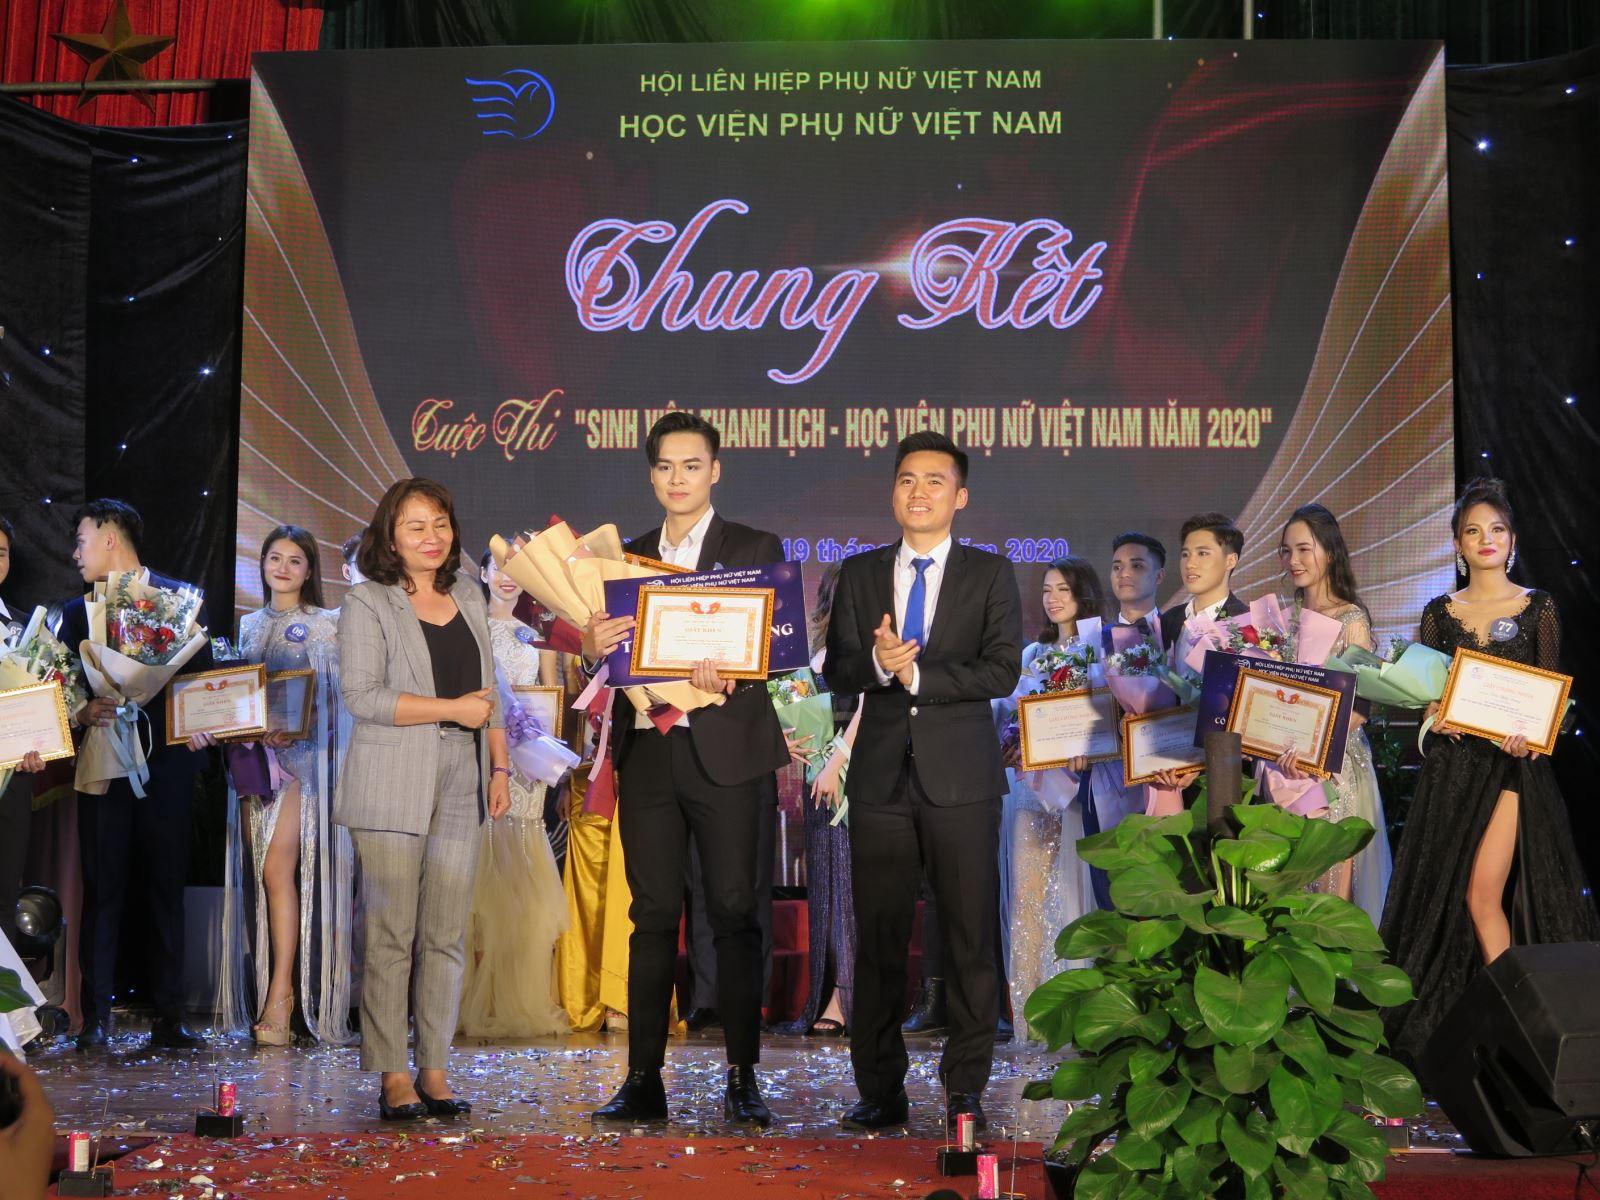 6 tiết mục tài năng đêm Chung kết sinh viên thanh lịch năm 2020